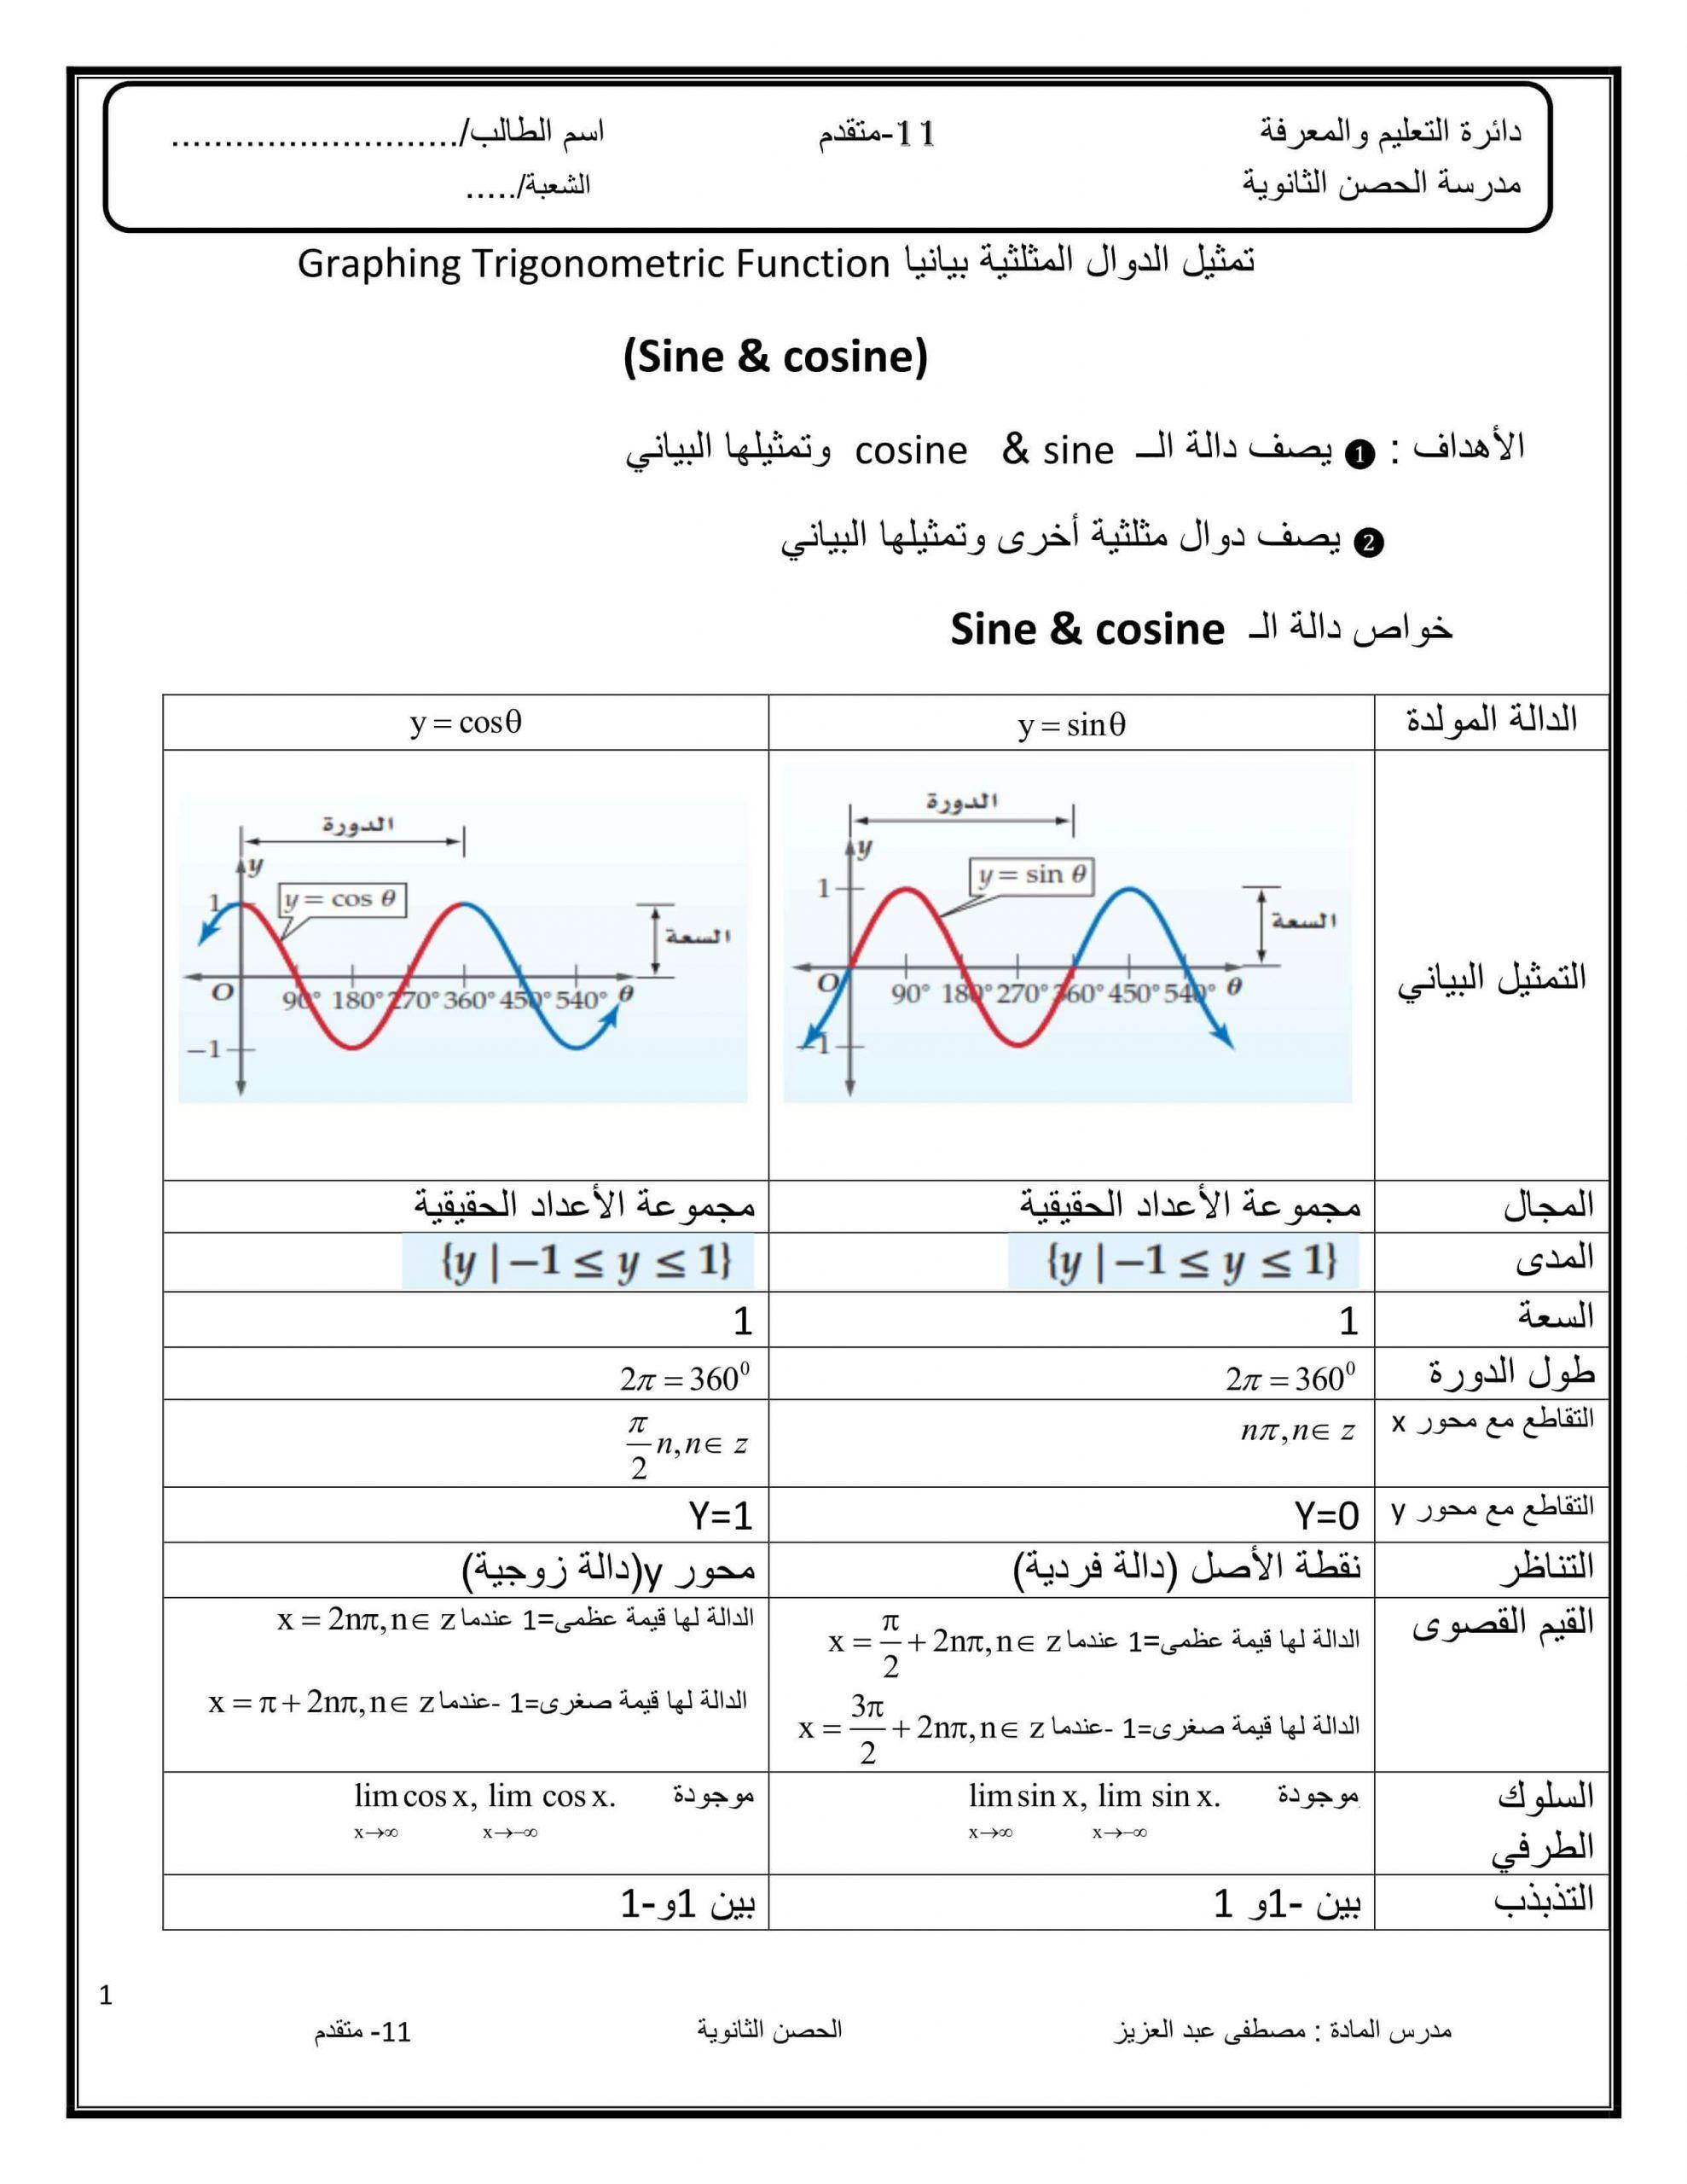 اوراق عمل تمثيل الدوال المثلثية بيانيا للصف الحادي عشر متقدم مادة الرياضيات المتكاملة Graphing Chart Sins